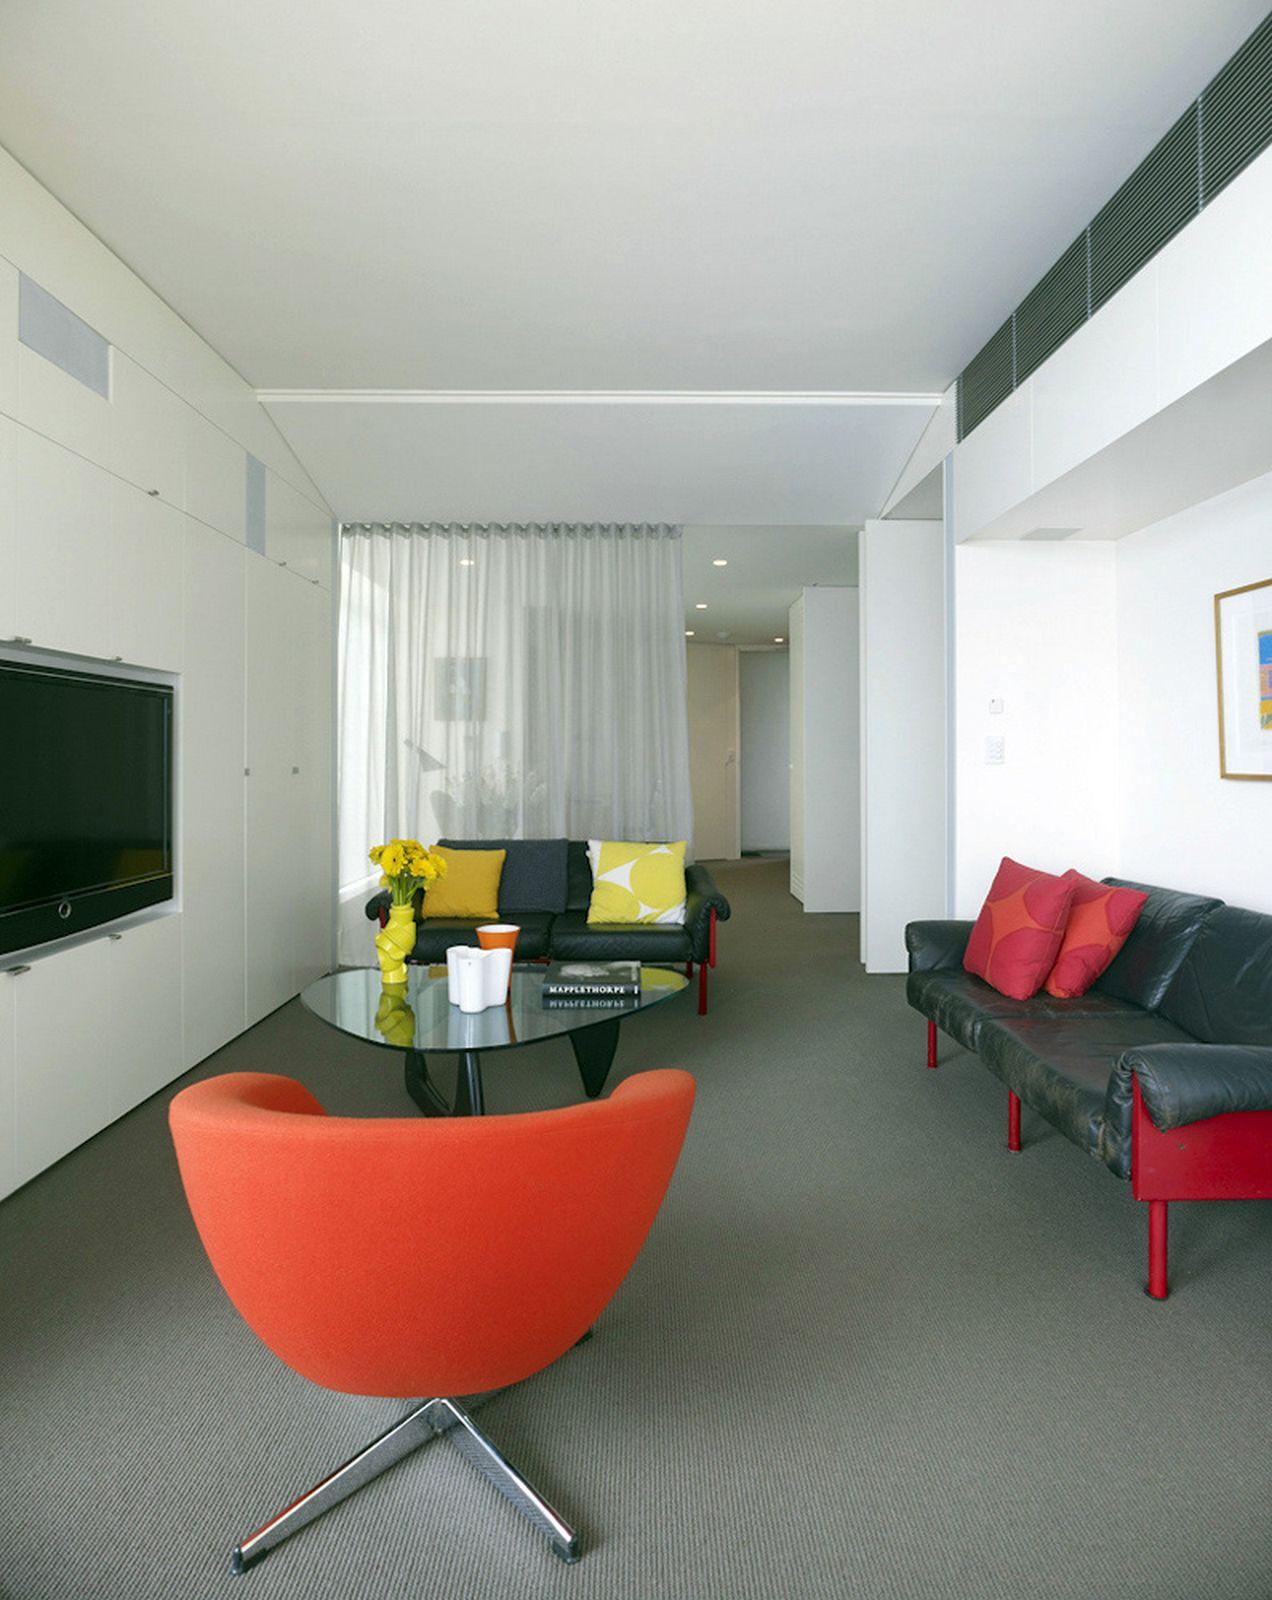 desain perabotan unik untuk ruang tamu yang semakin apik » Inilah 15 Desain Ruang Tamu yang Membuat Semuanya Lupa Waktu